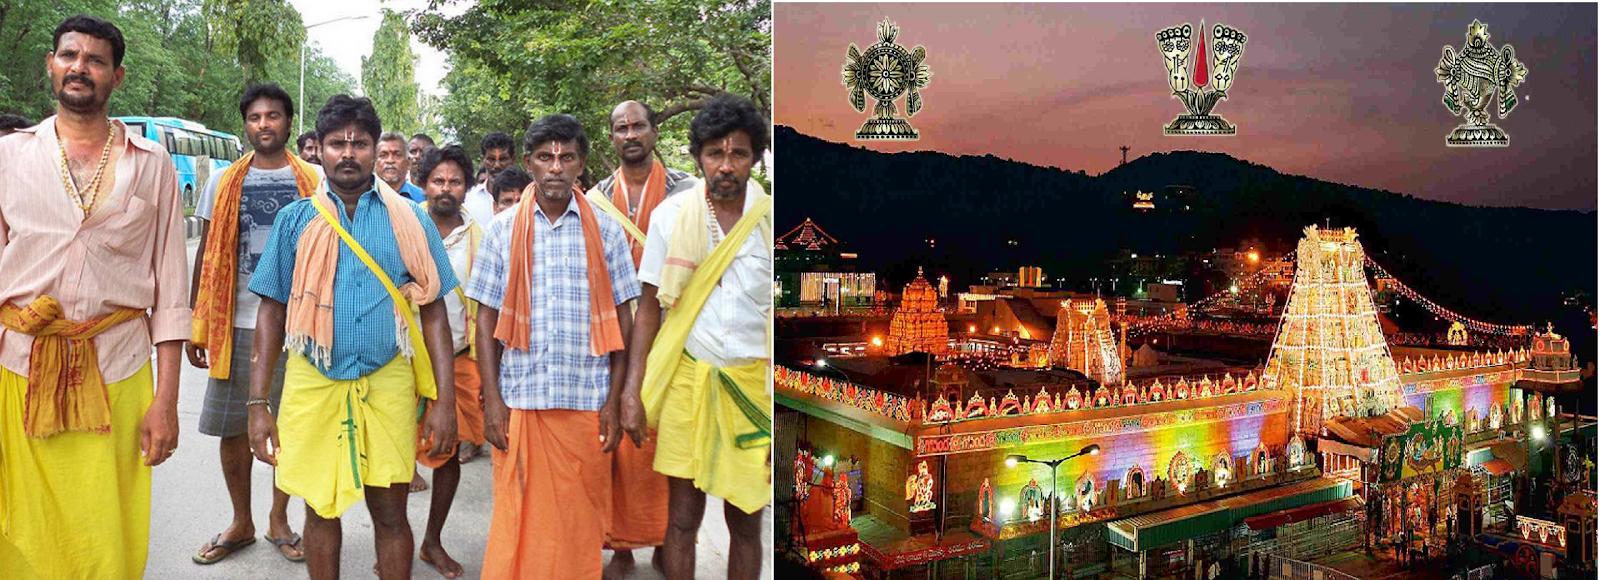 తిరుమల శ్రీవారి ఆలయం చేరుకోవటానికి ఎన్ని నడకదారులు ఎన్ని? - Tirumala Nadaka దారులు - Foot ways to ReachTirumala